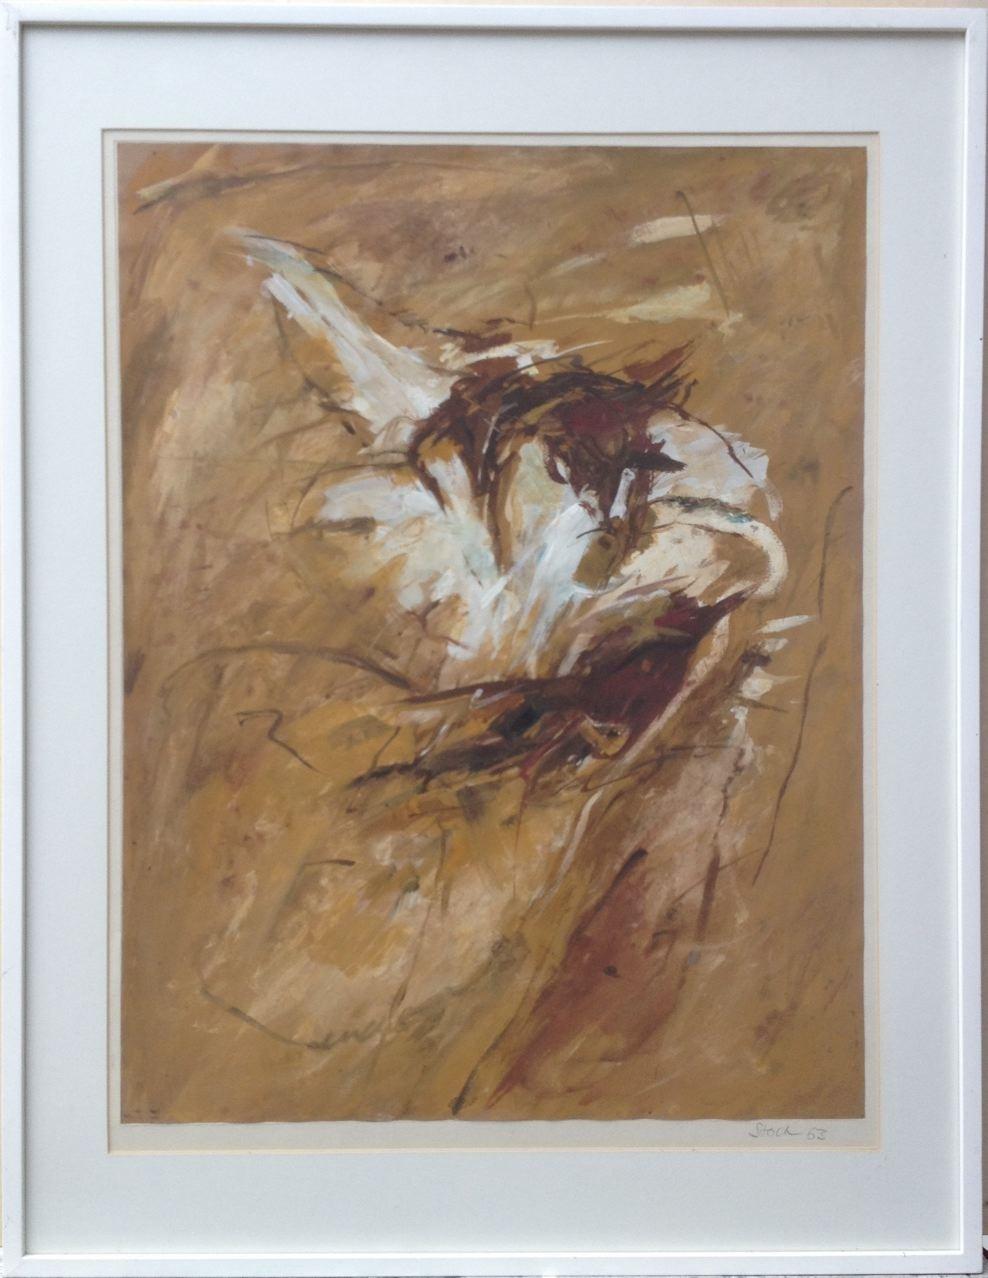 Ohne Titel, Gouache, 85 x 65 cm (mit Rahmen), 1963 (#613)